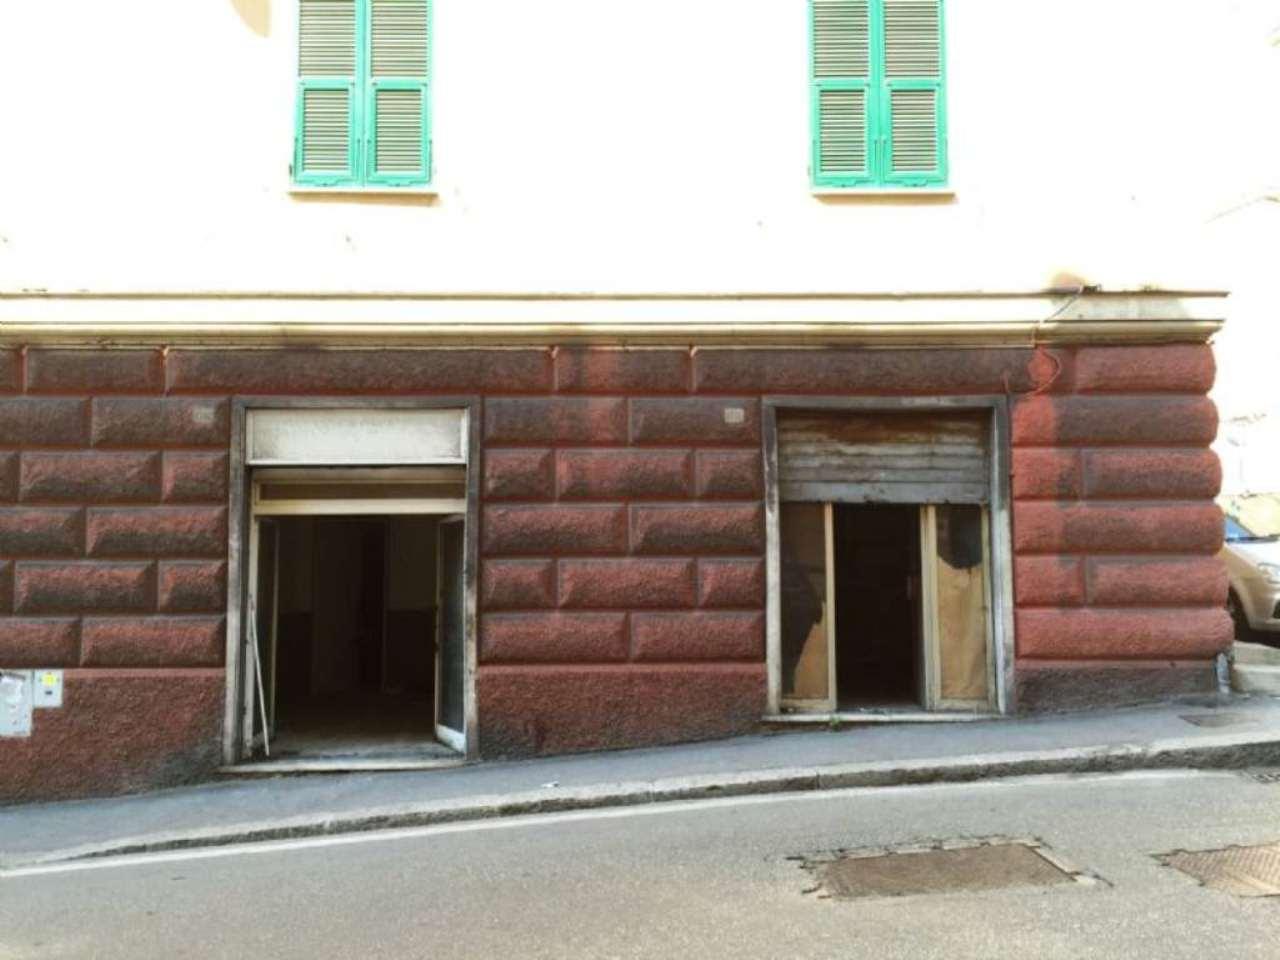 Negozio / Locale in vendita a Genova, 3 locali, prezzo € 60.000 | Cambio Casa.it